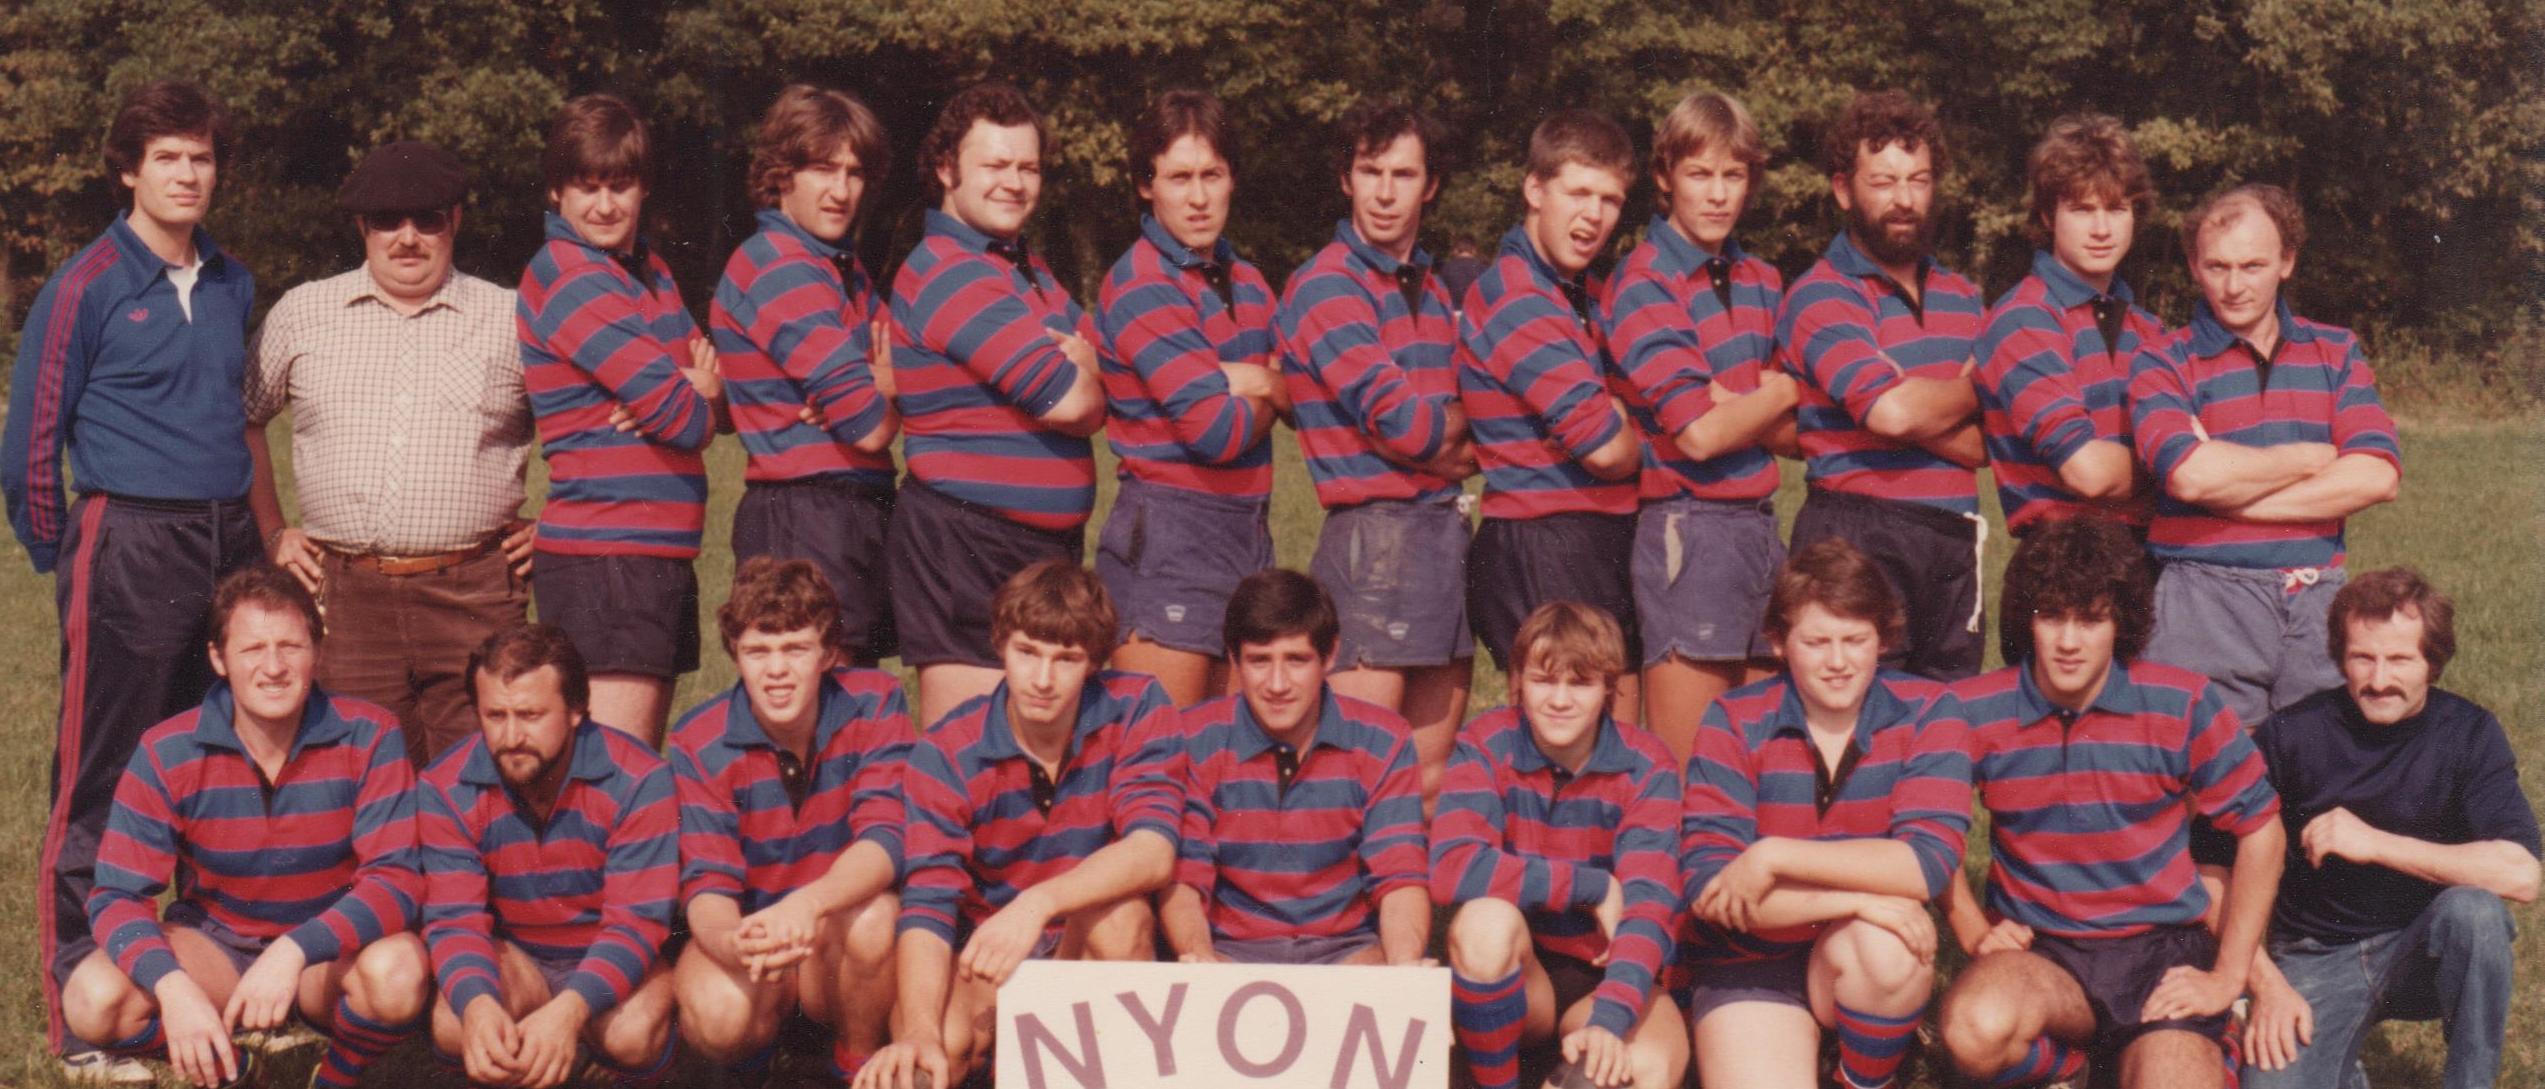 Nyon Avril-1982